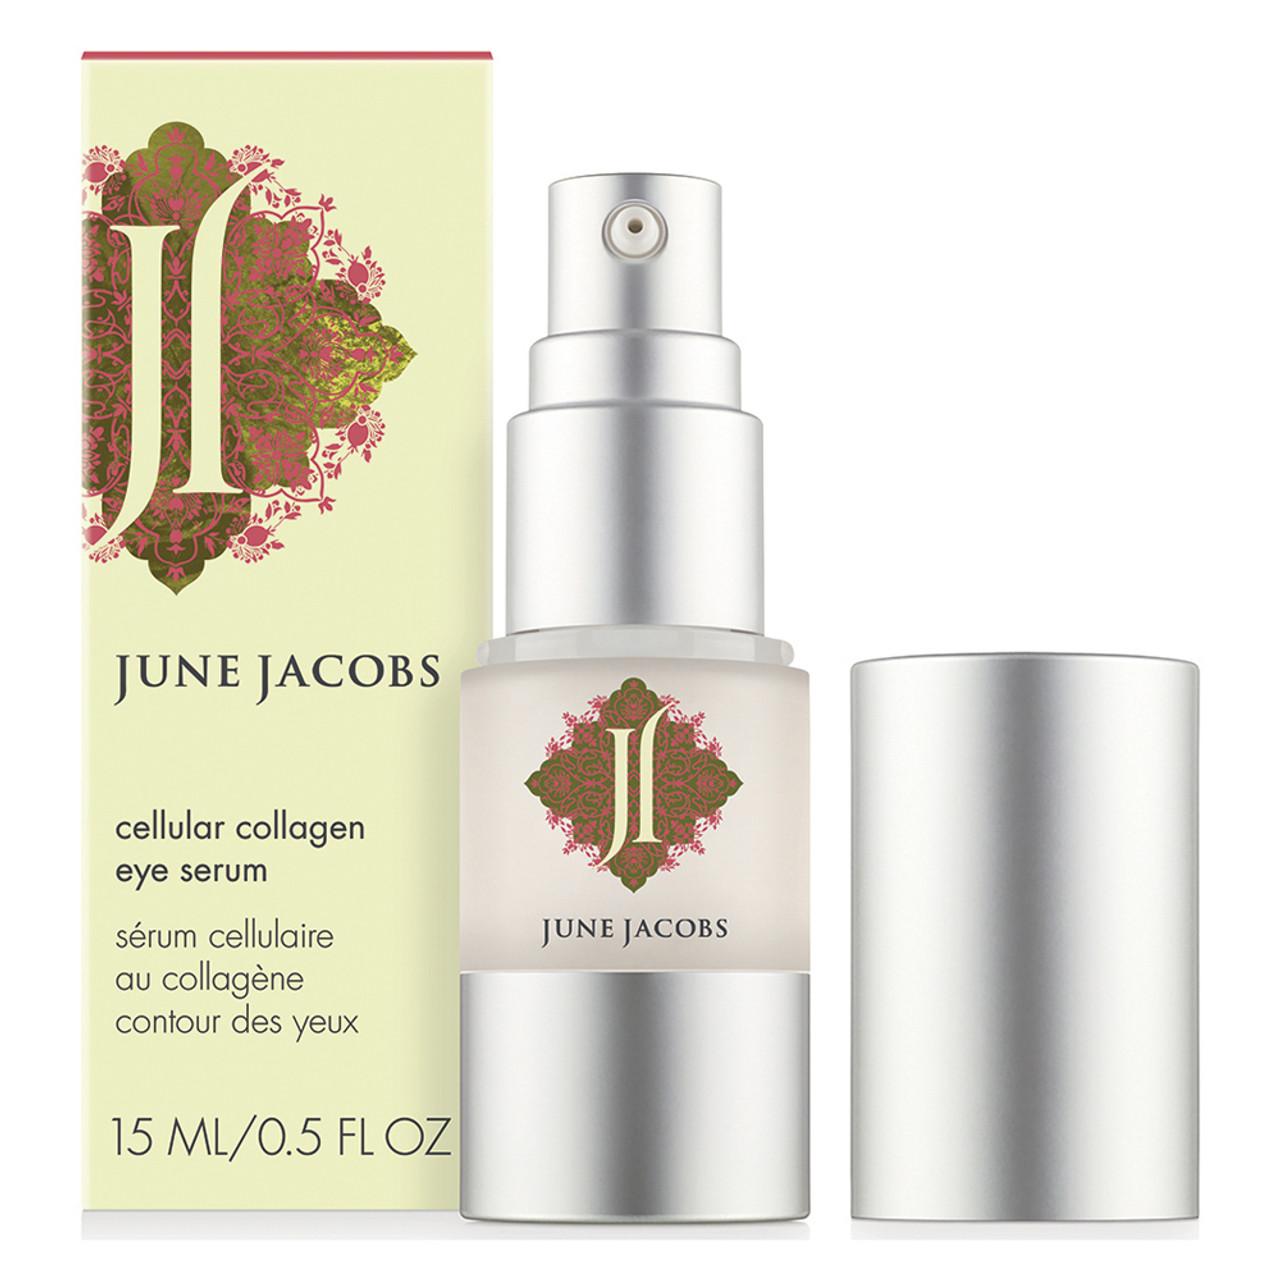 June Jacobs Cellular Collagen Eye Serum BeautifiedYou.com